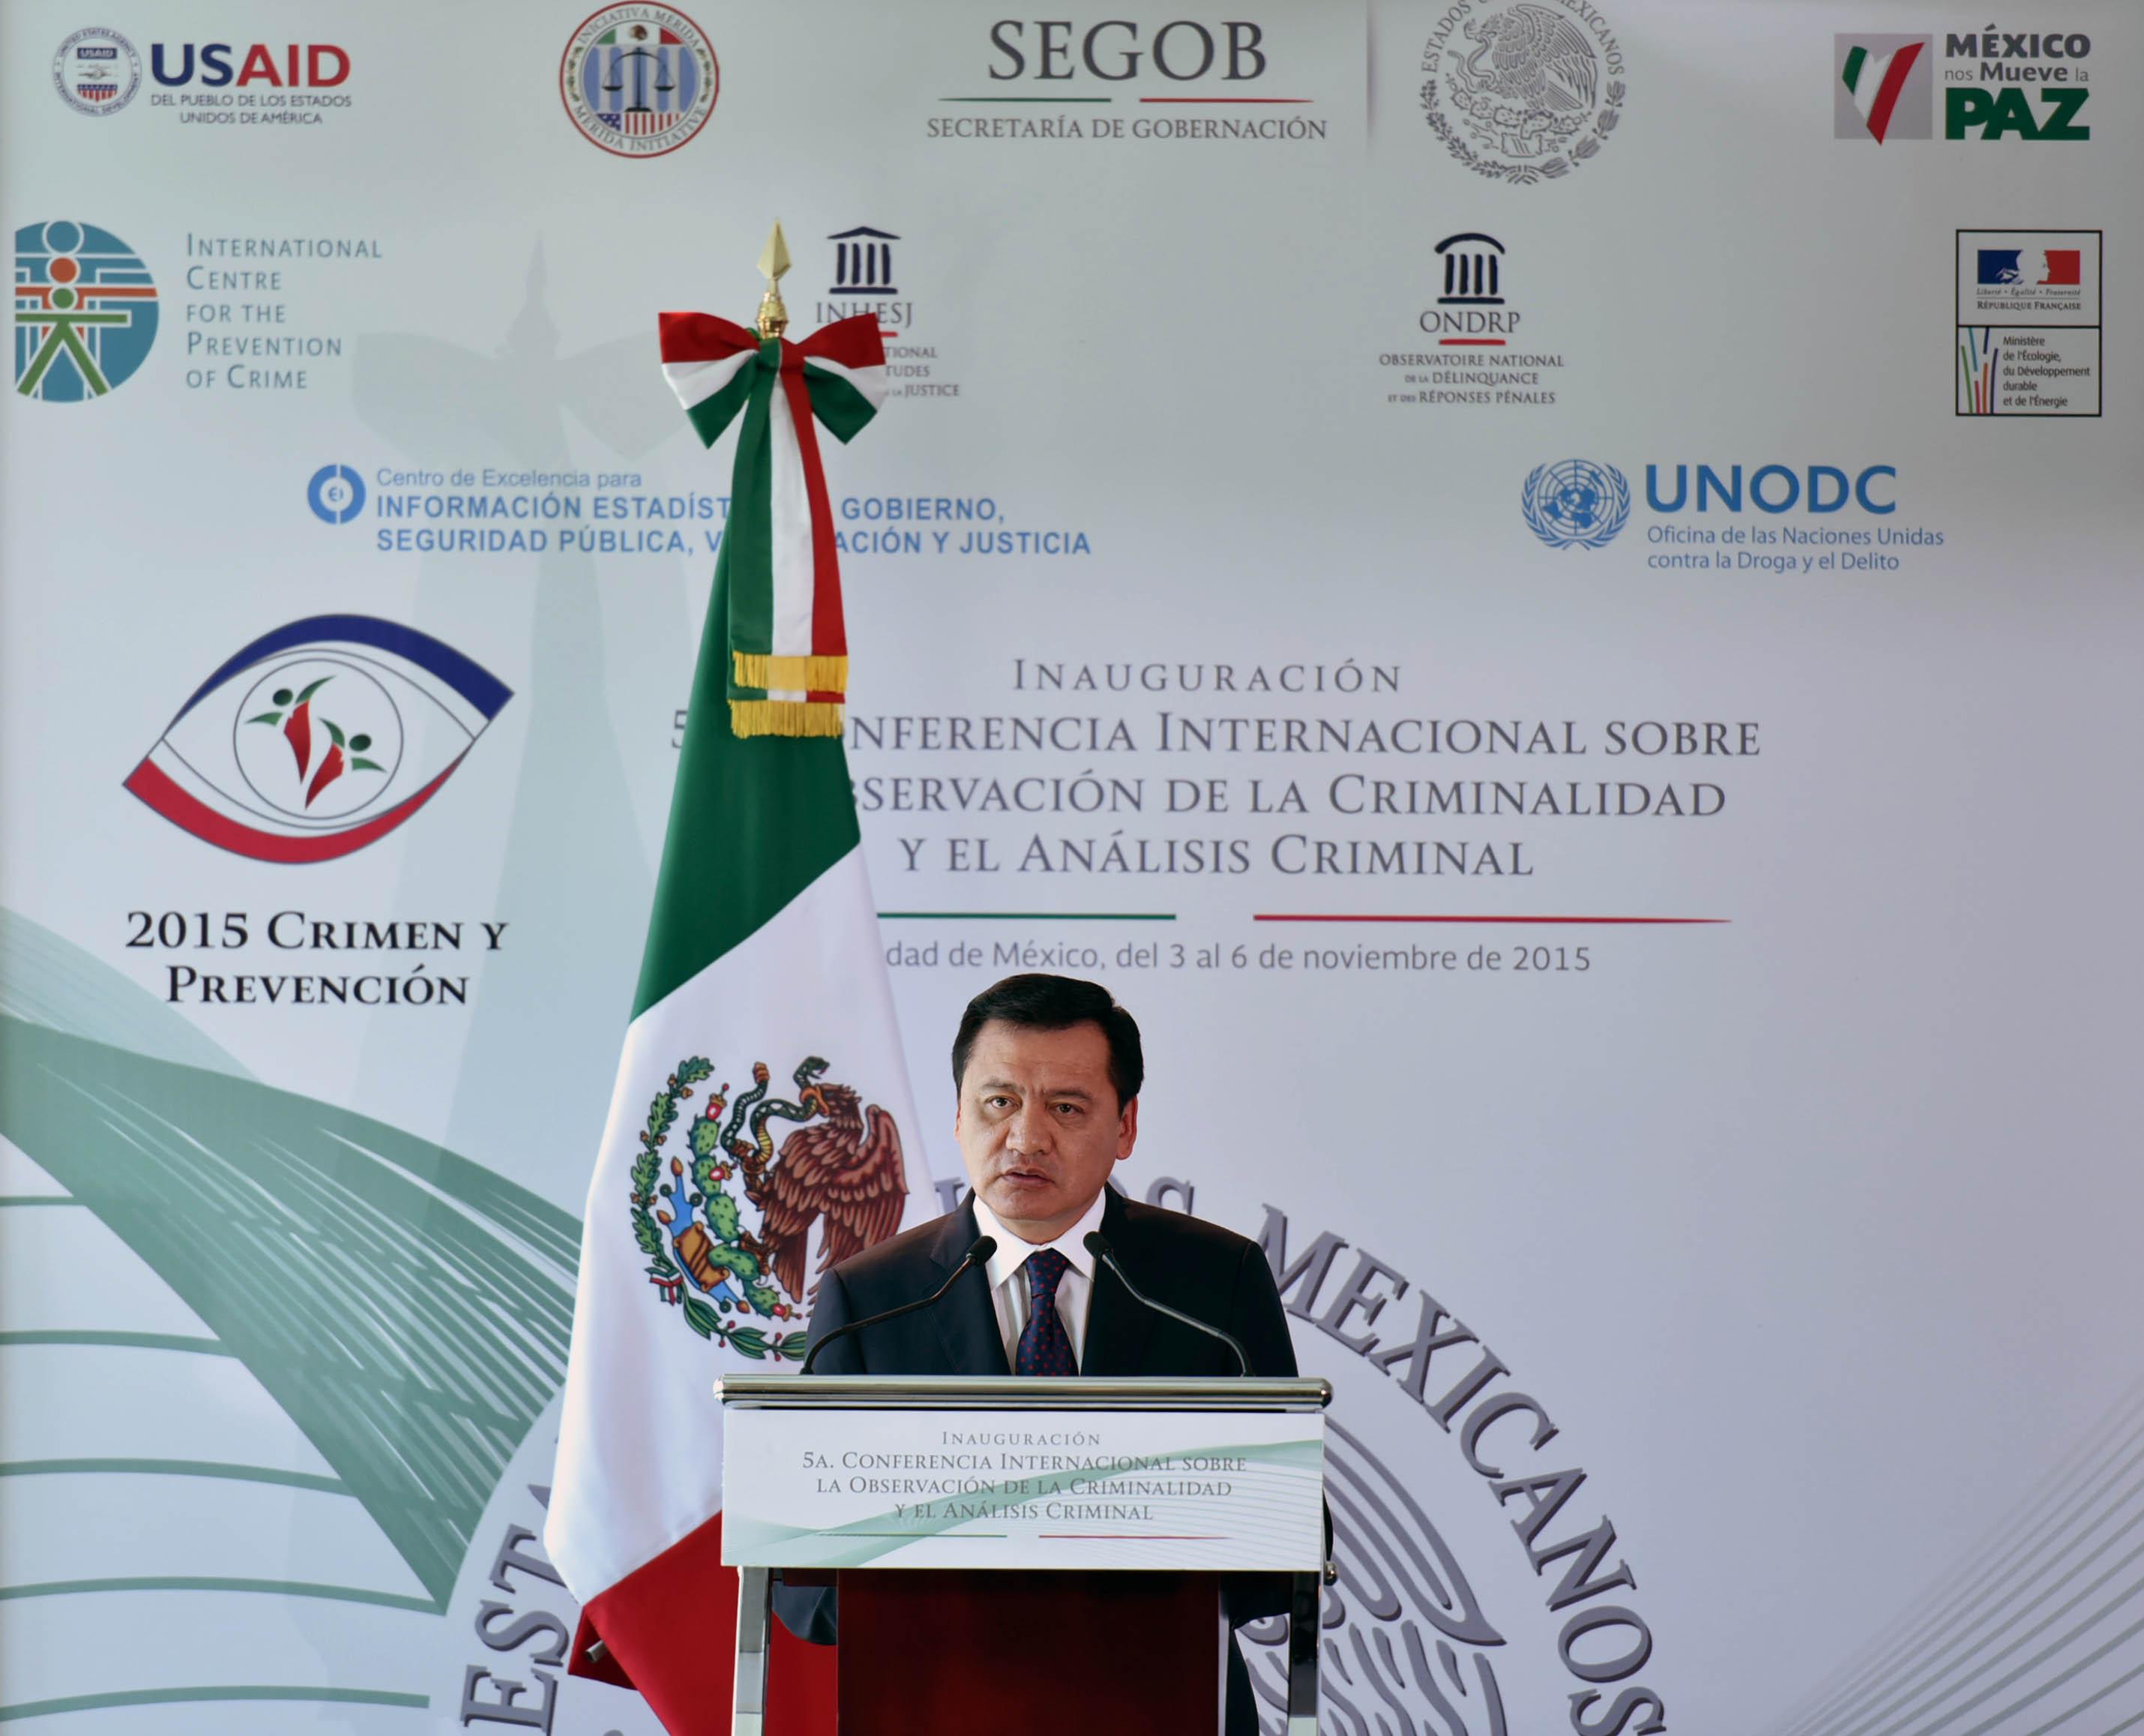 El Secretario de Gobernación, Miguel Ángel Osorio Chong, durante la Inauguración de la 5ª Conferencia Internacional sobre la Observación de la Criminalidad y el Análisis Criminal